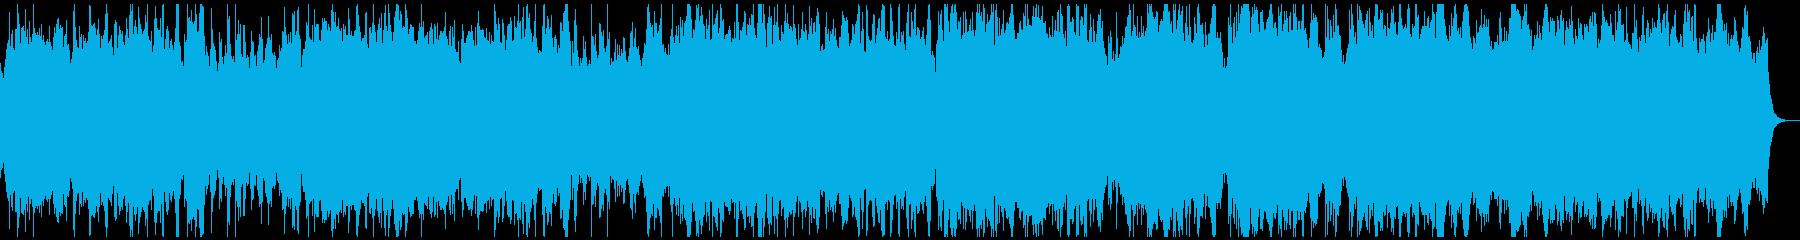 バッハの「主よ人の望みの喜びよ」の再生済みの波形